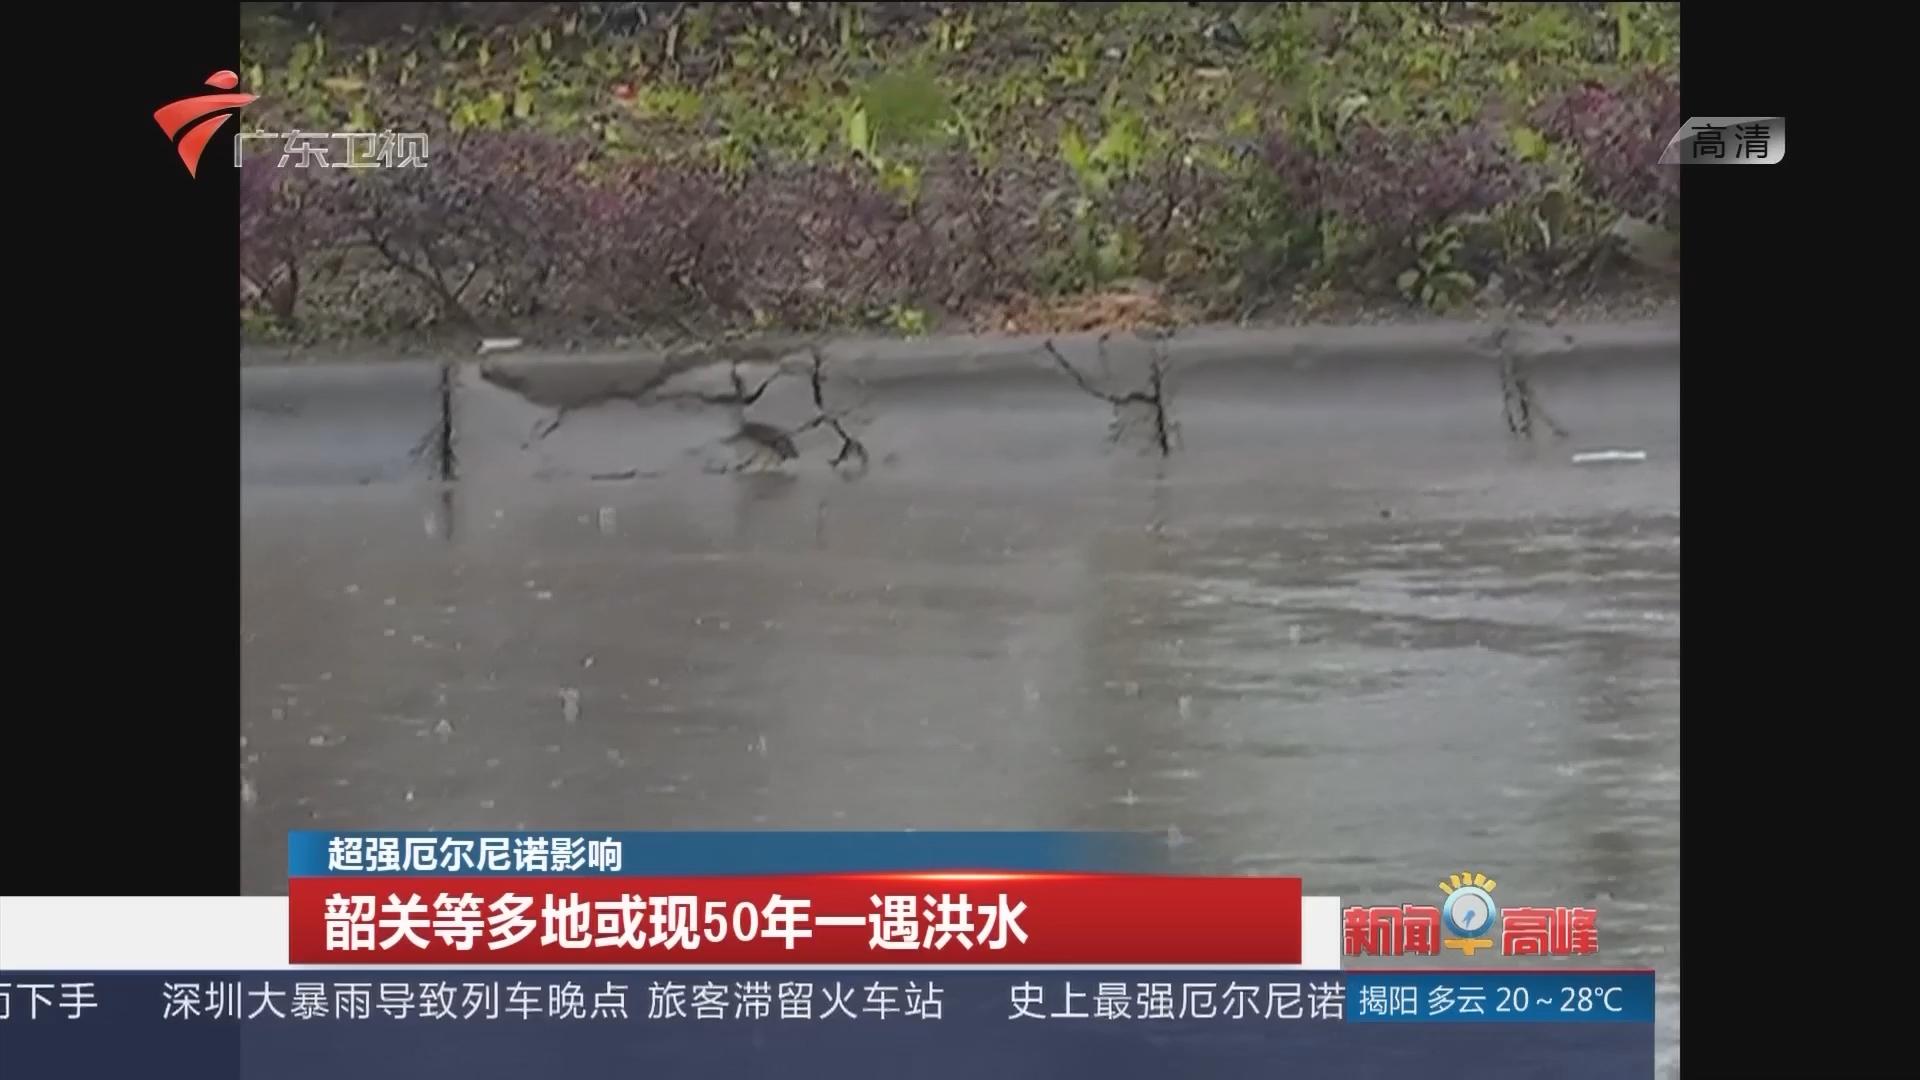 超强厄尔尼诺影响:韶关等多地或现50年一遇洪水